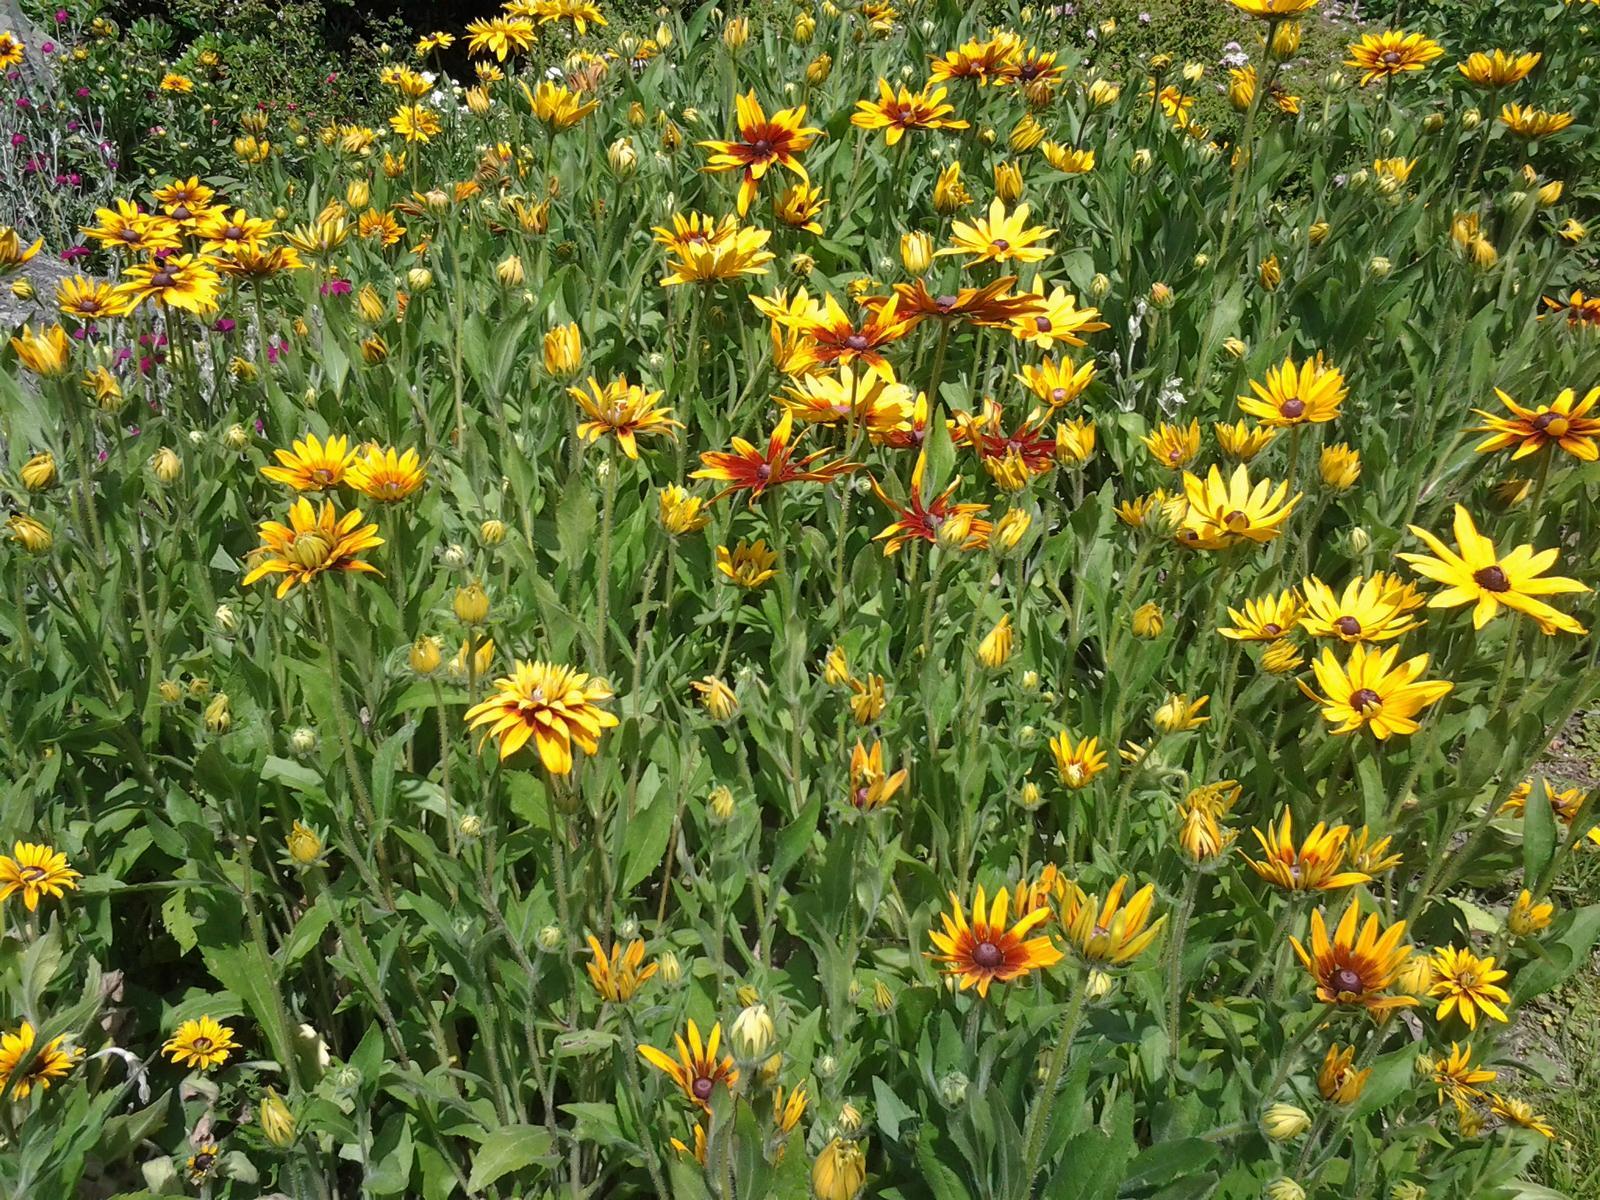 Jihočeská venkovská zahrada. - Třapatky žluté jsou velmi plodné,já bych je tak hustě vysadit nedokázala.Samy vysemeněné z rozlétaných semen.Obdivuhodná je tu ta druhová různorodost.